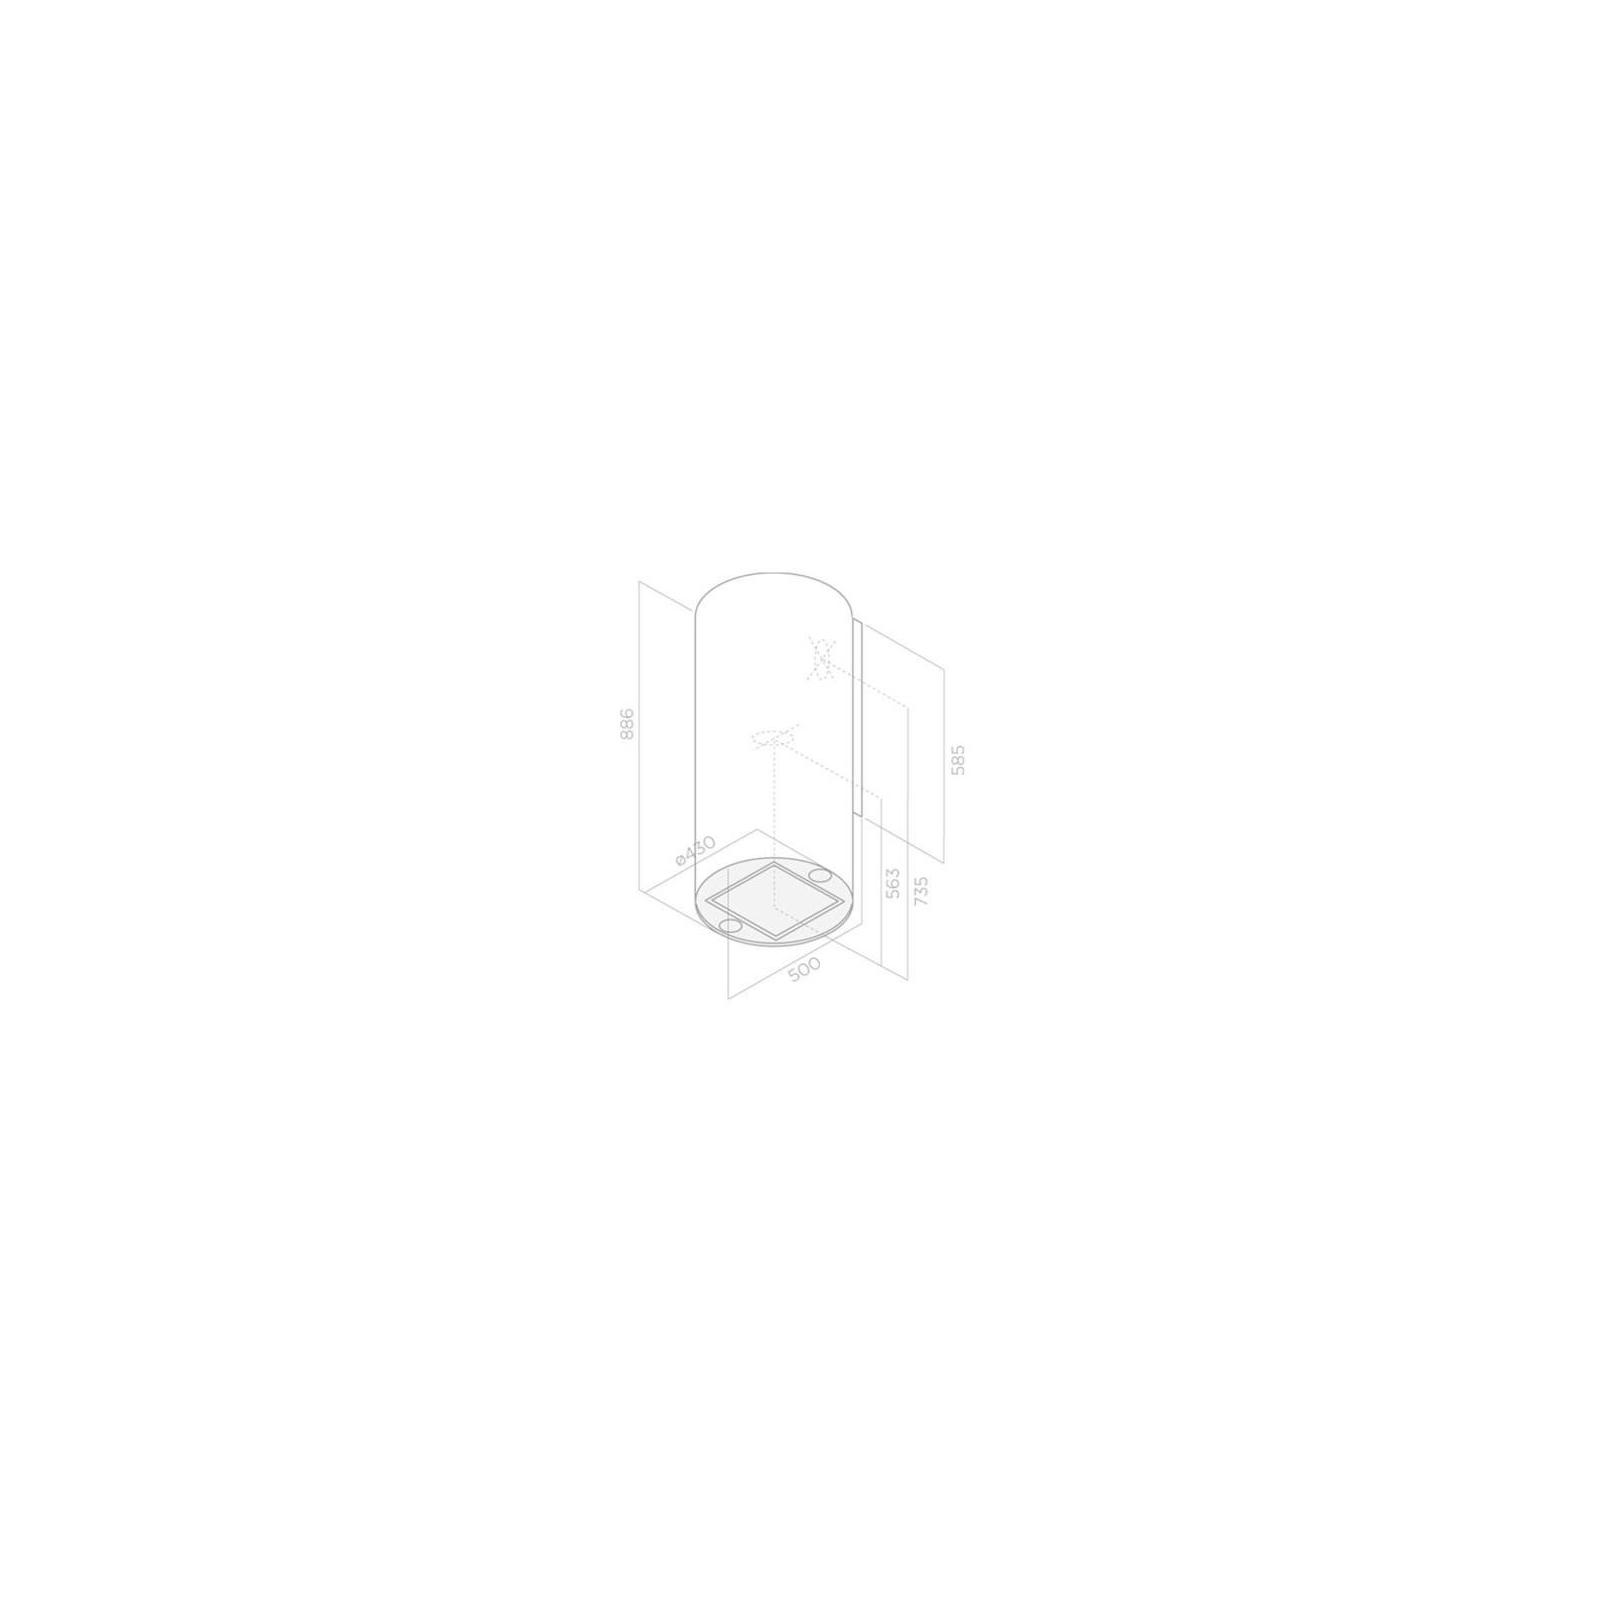 Вытяжка кухонная Elica TUBE PRO WH/A/43 изображение 2